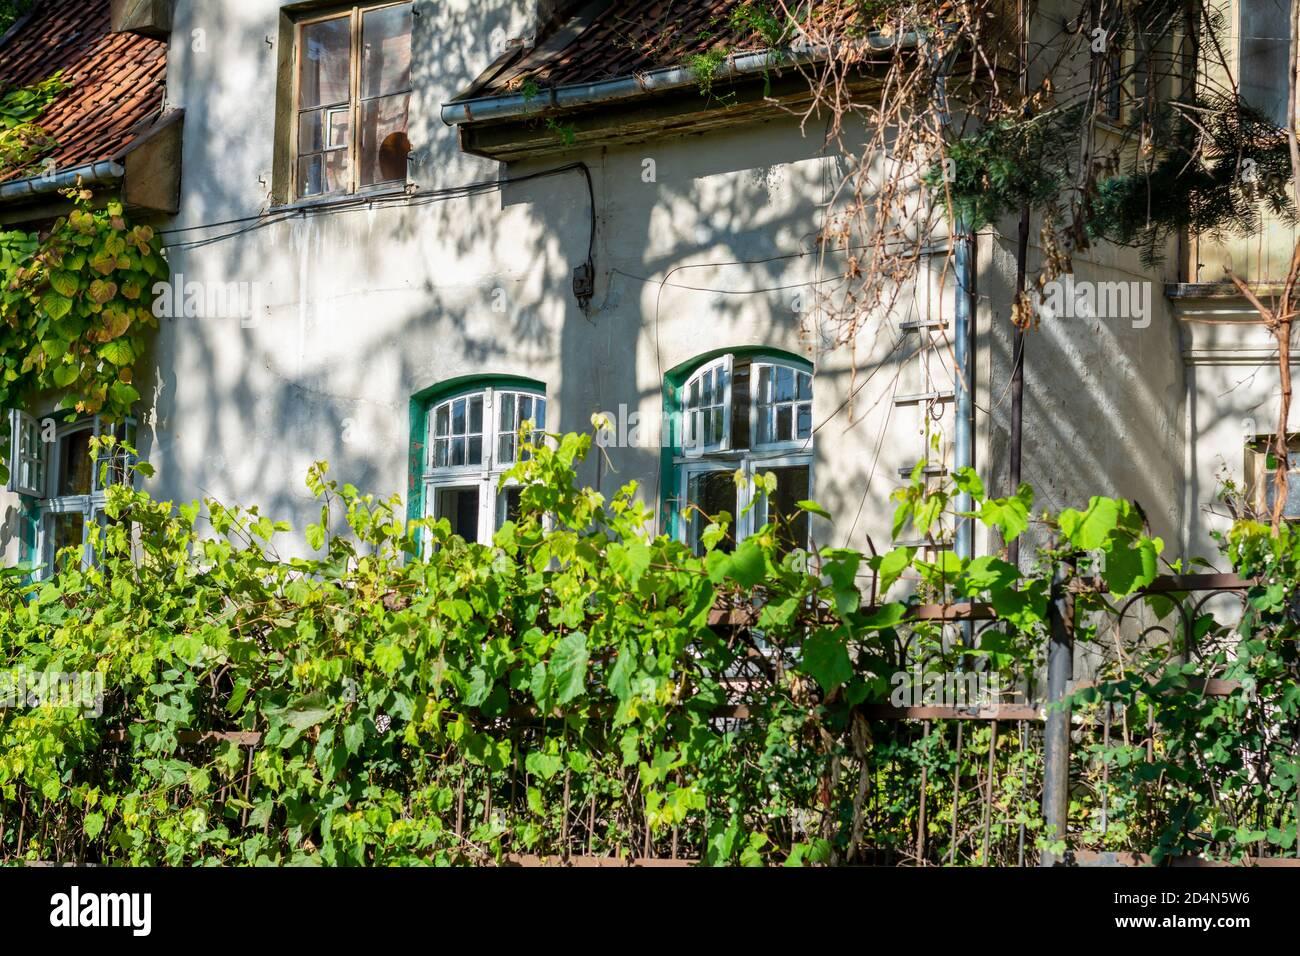 Fachada de una antigua casa con ventanas y azulejos de madera. casa del siglo 19 sin restauración. Foto de stock